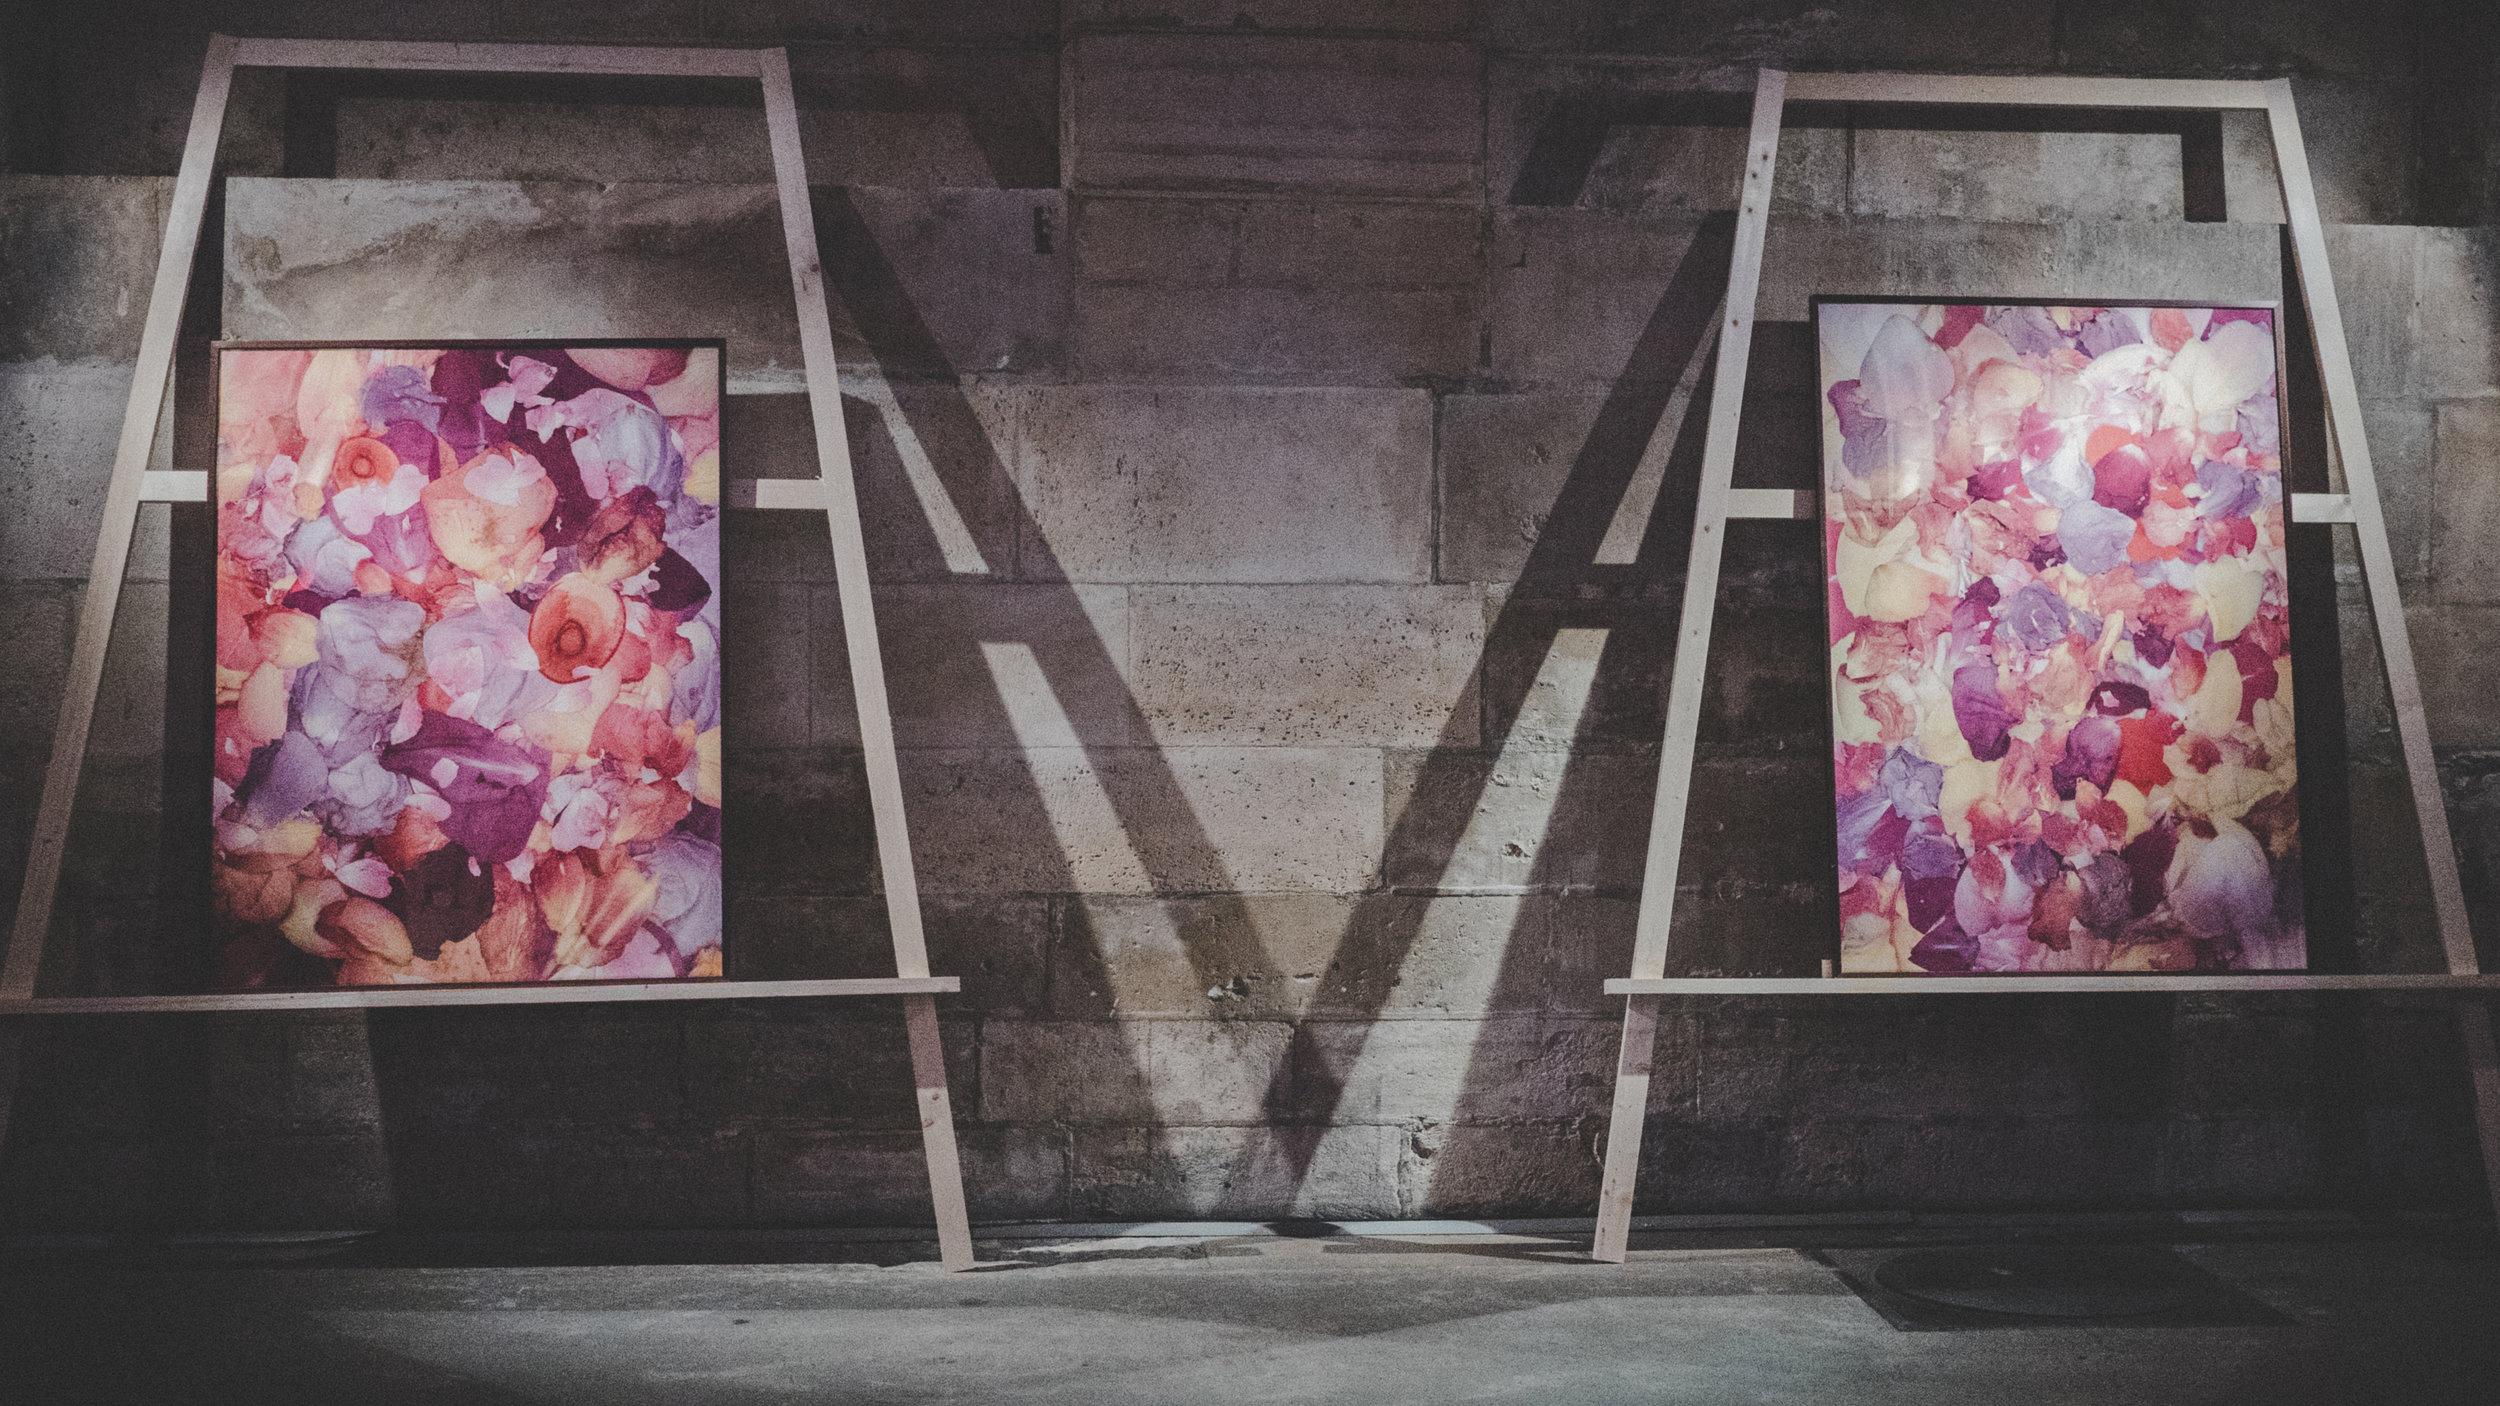 Conciergerie_Paris_Finest_scenography_designers_agence_christophe_gautrand_landscape_5.jpg